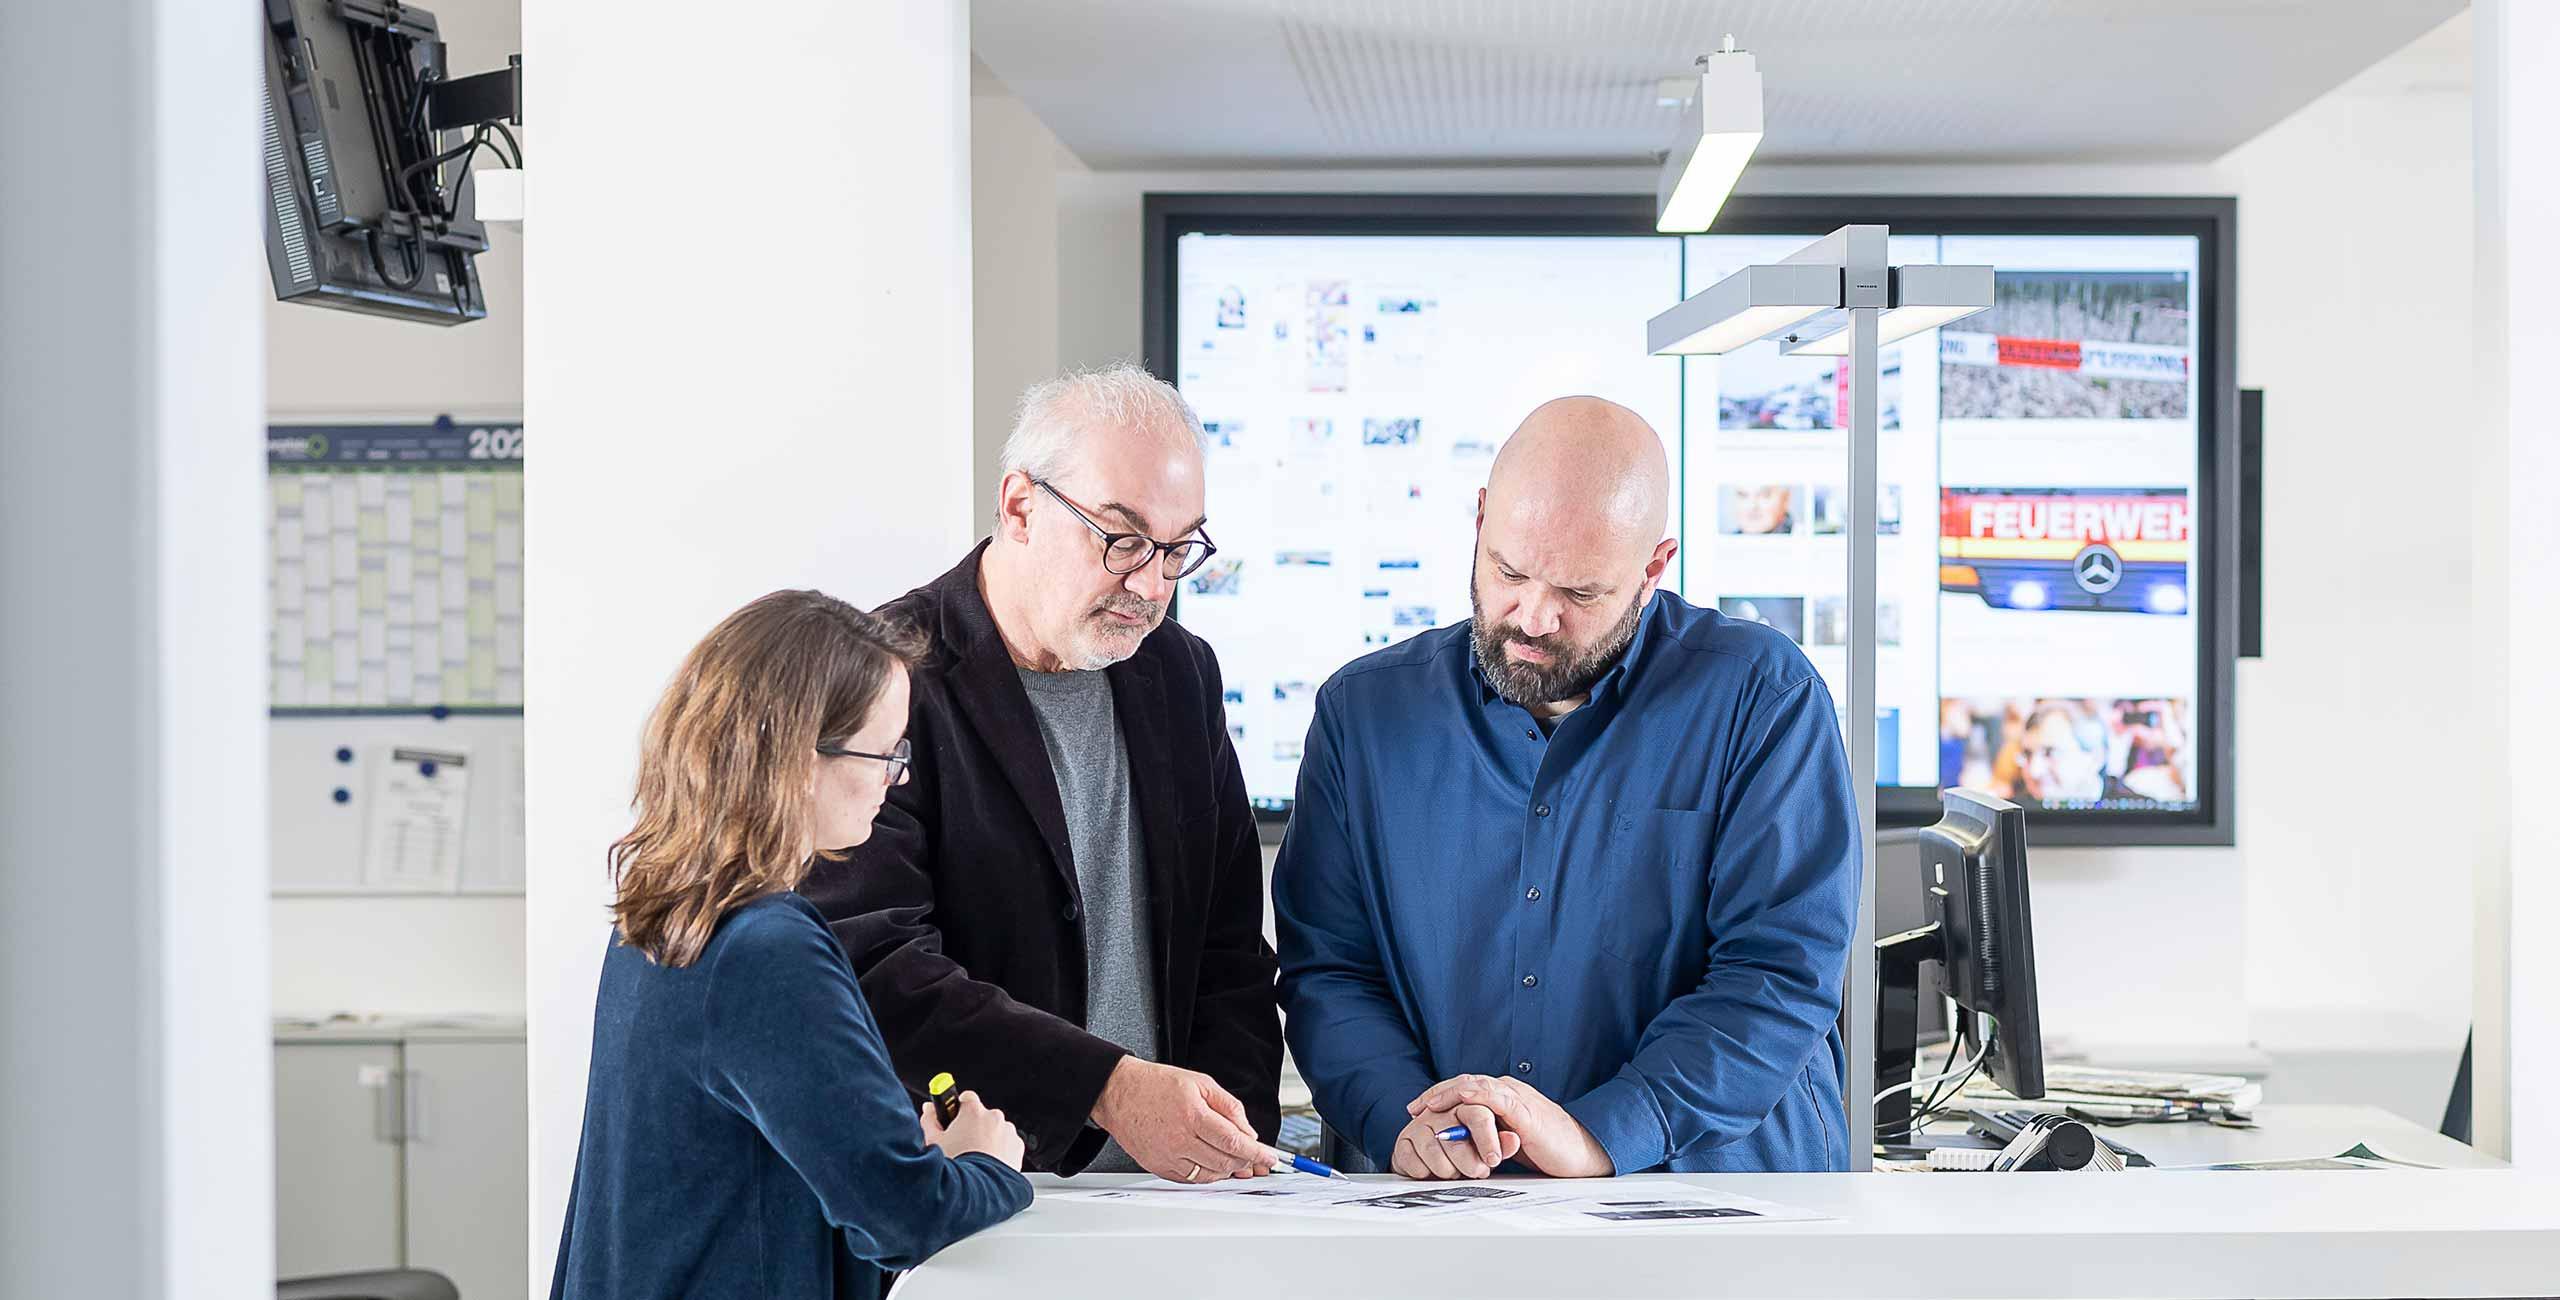 Drei Redakteure beraten sich an Schreibtisch über Magazine.